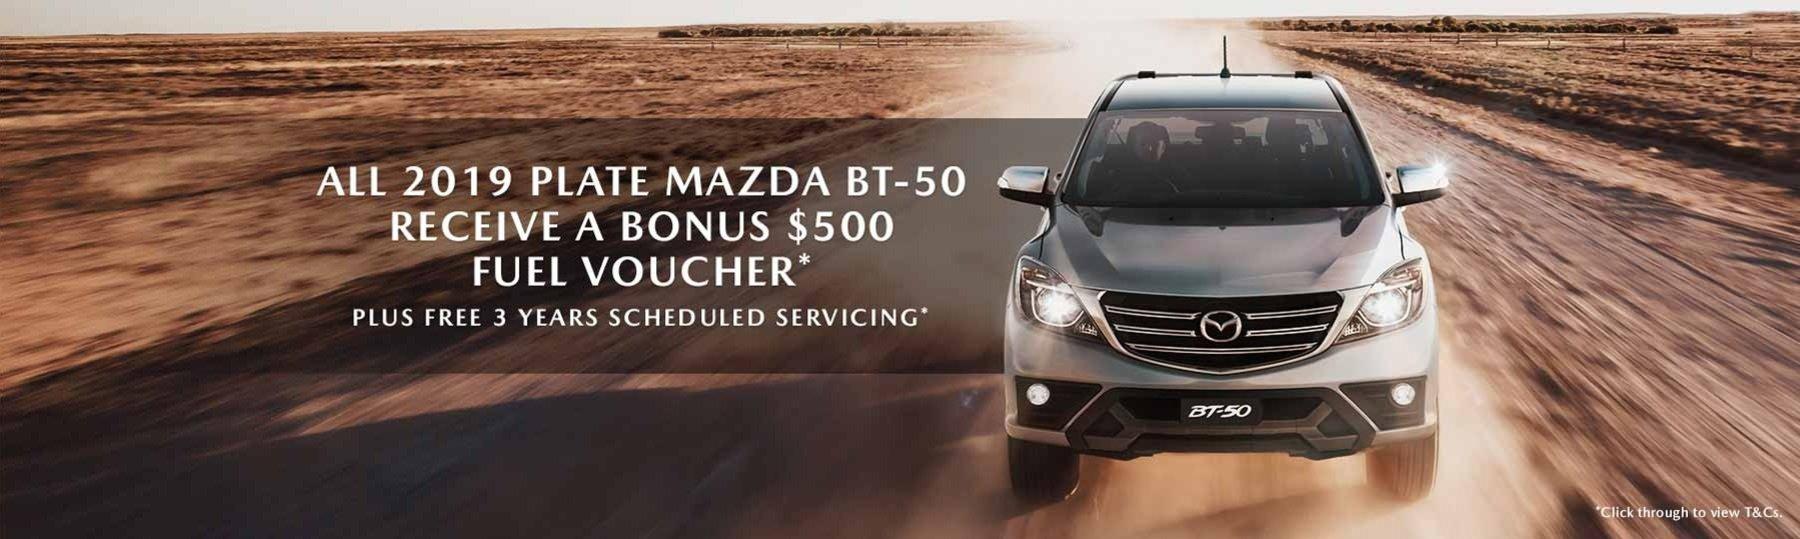 Mazda BT-50 Offer